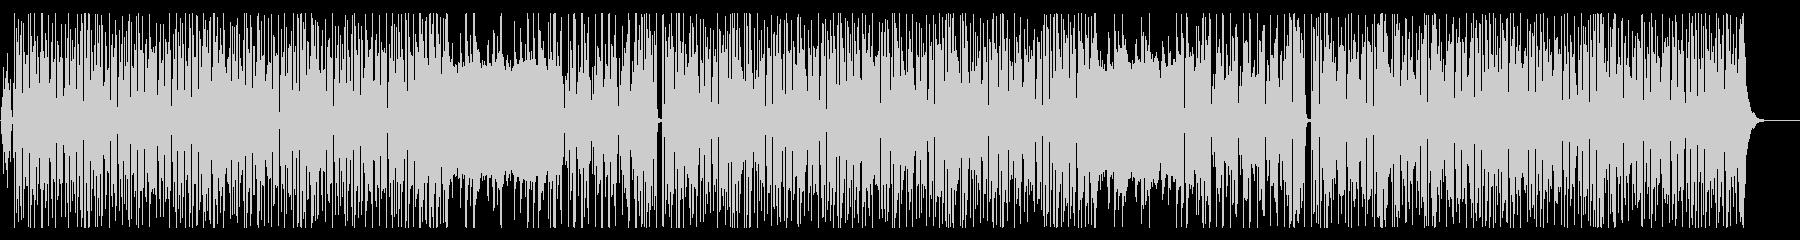 ビーチサイドに、ゆったりとしたインストの未再生の波形